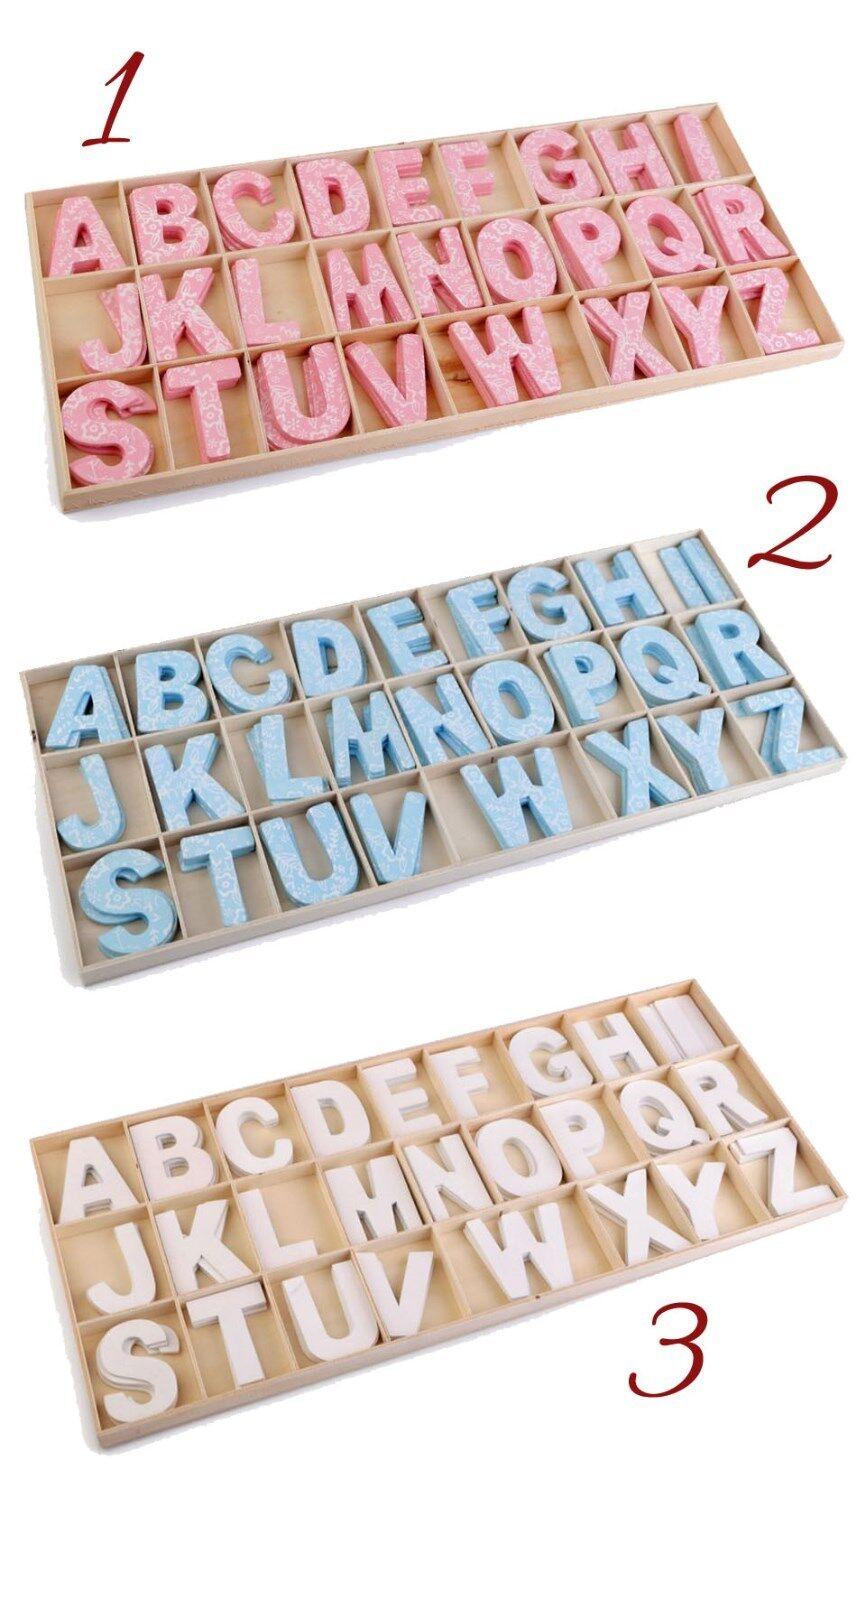 Kinderzimmer Holzbuchstaben Test Vergleich Kinderzimmer